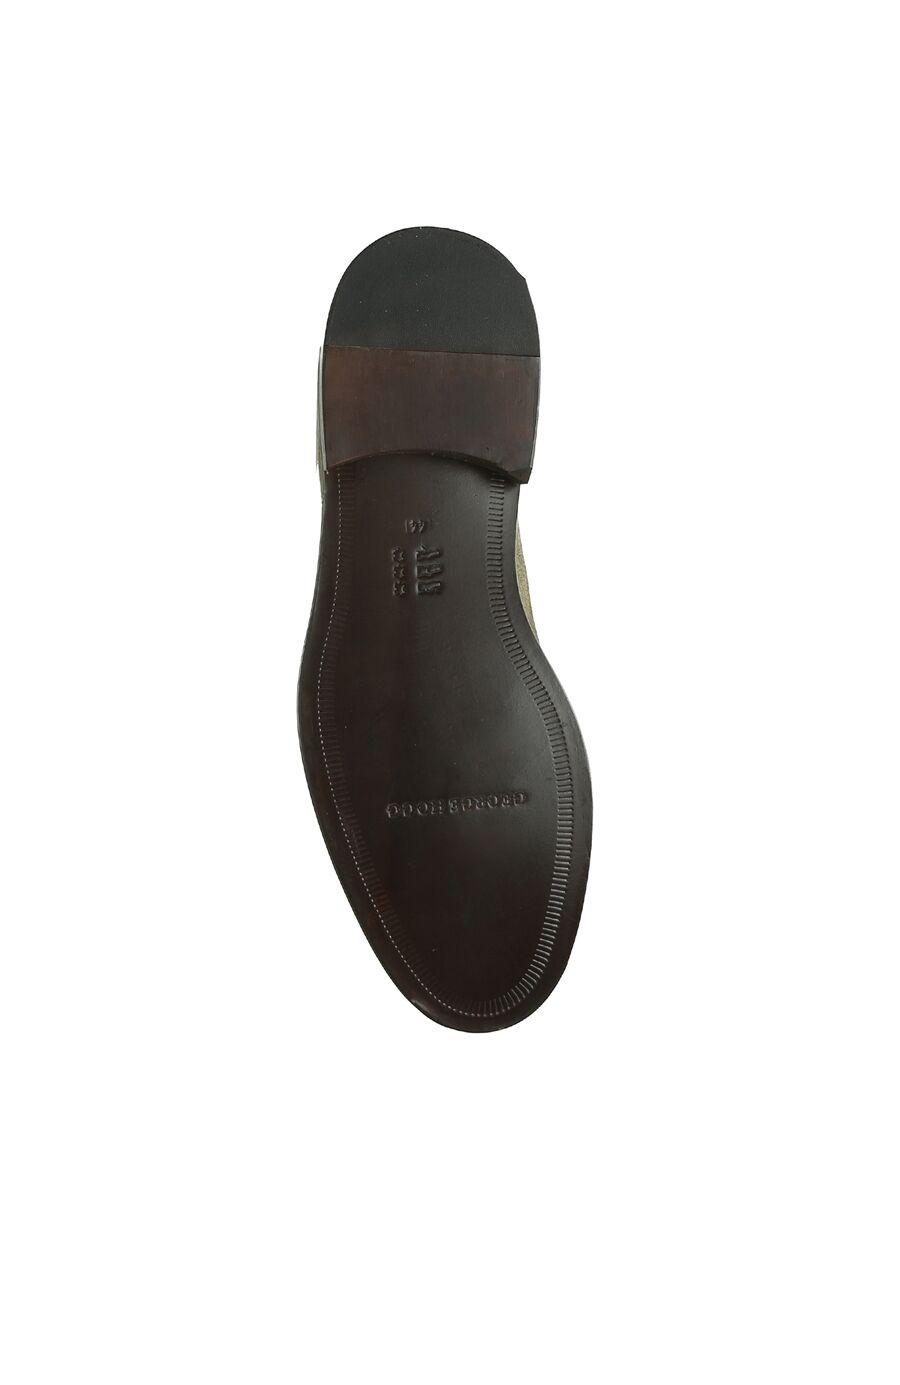 Haki Delik Desenli Erkek Süet Ayakkabı